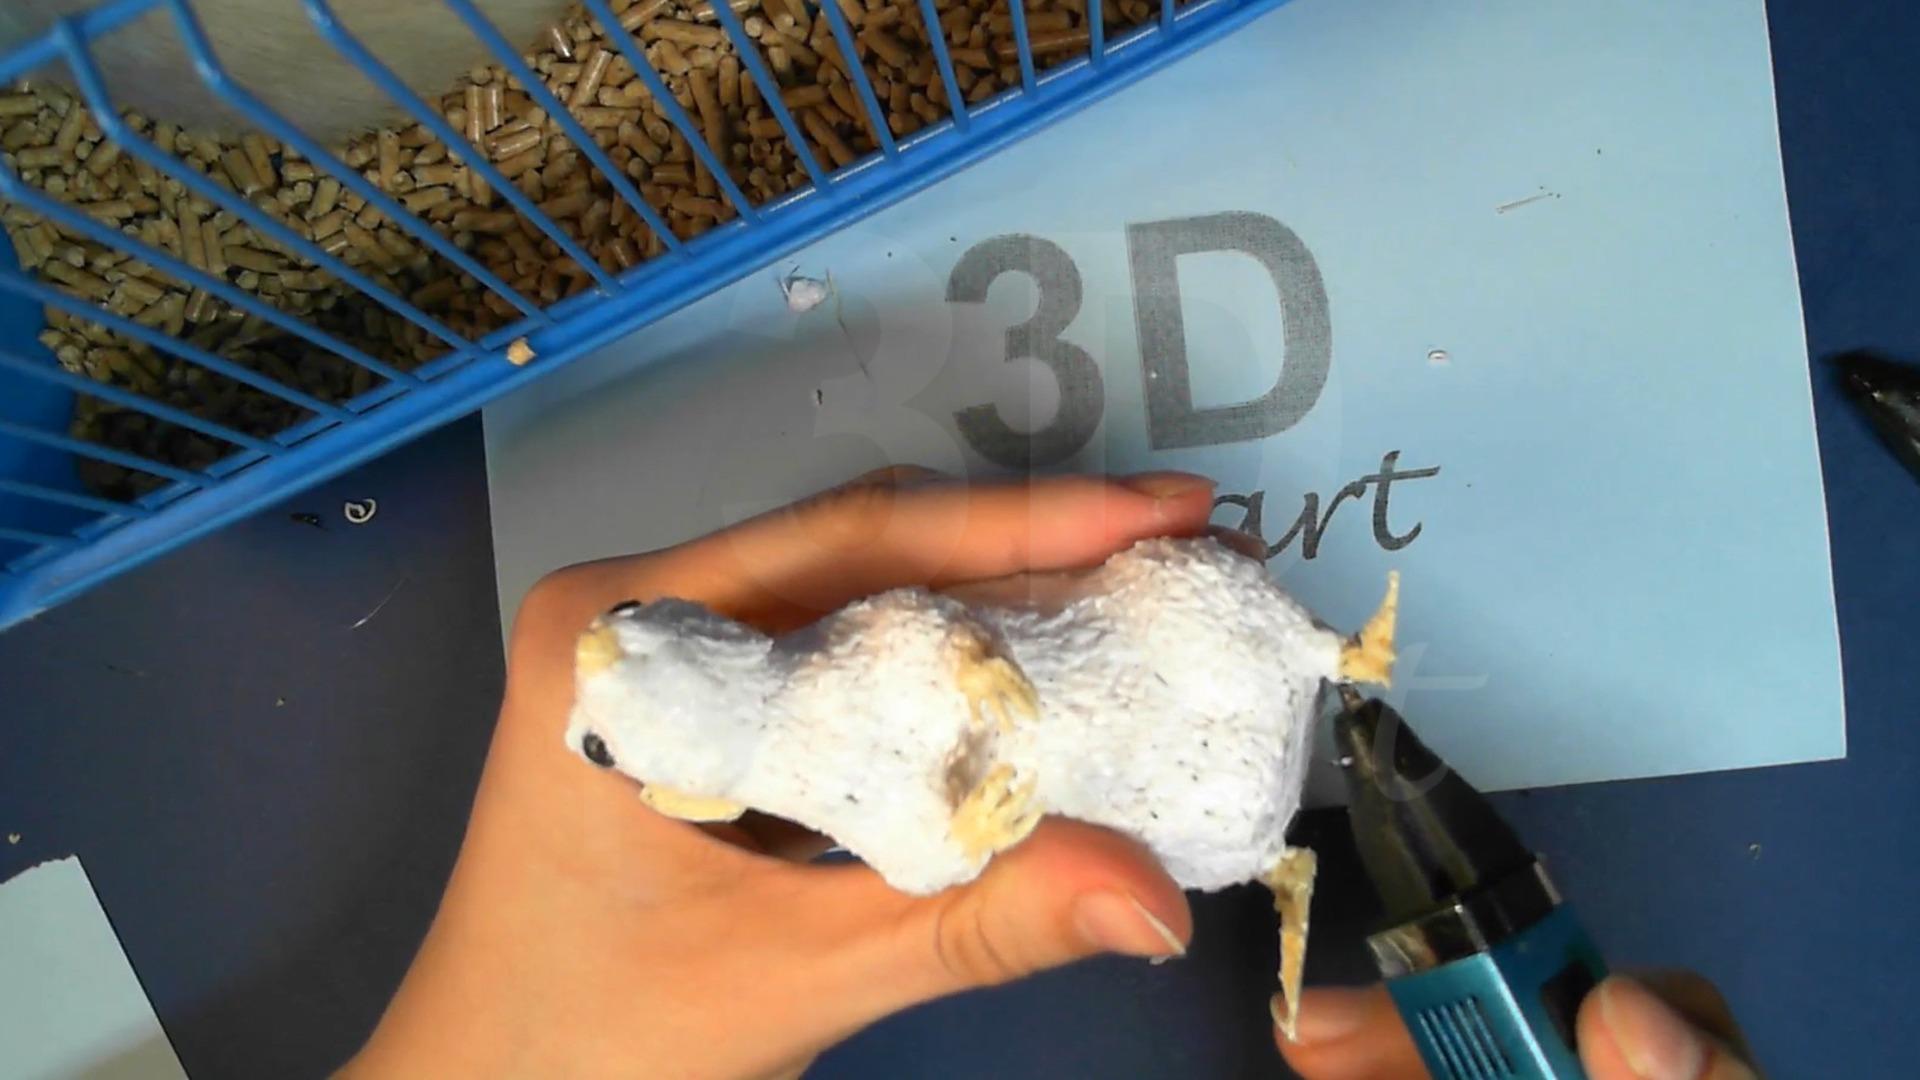 Крыса 3D ручкой. Прикрепляем задние лапки